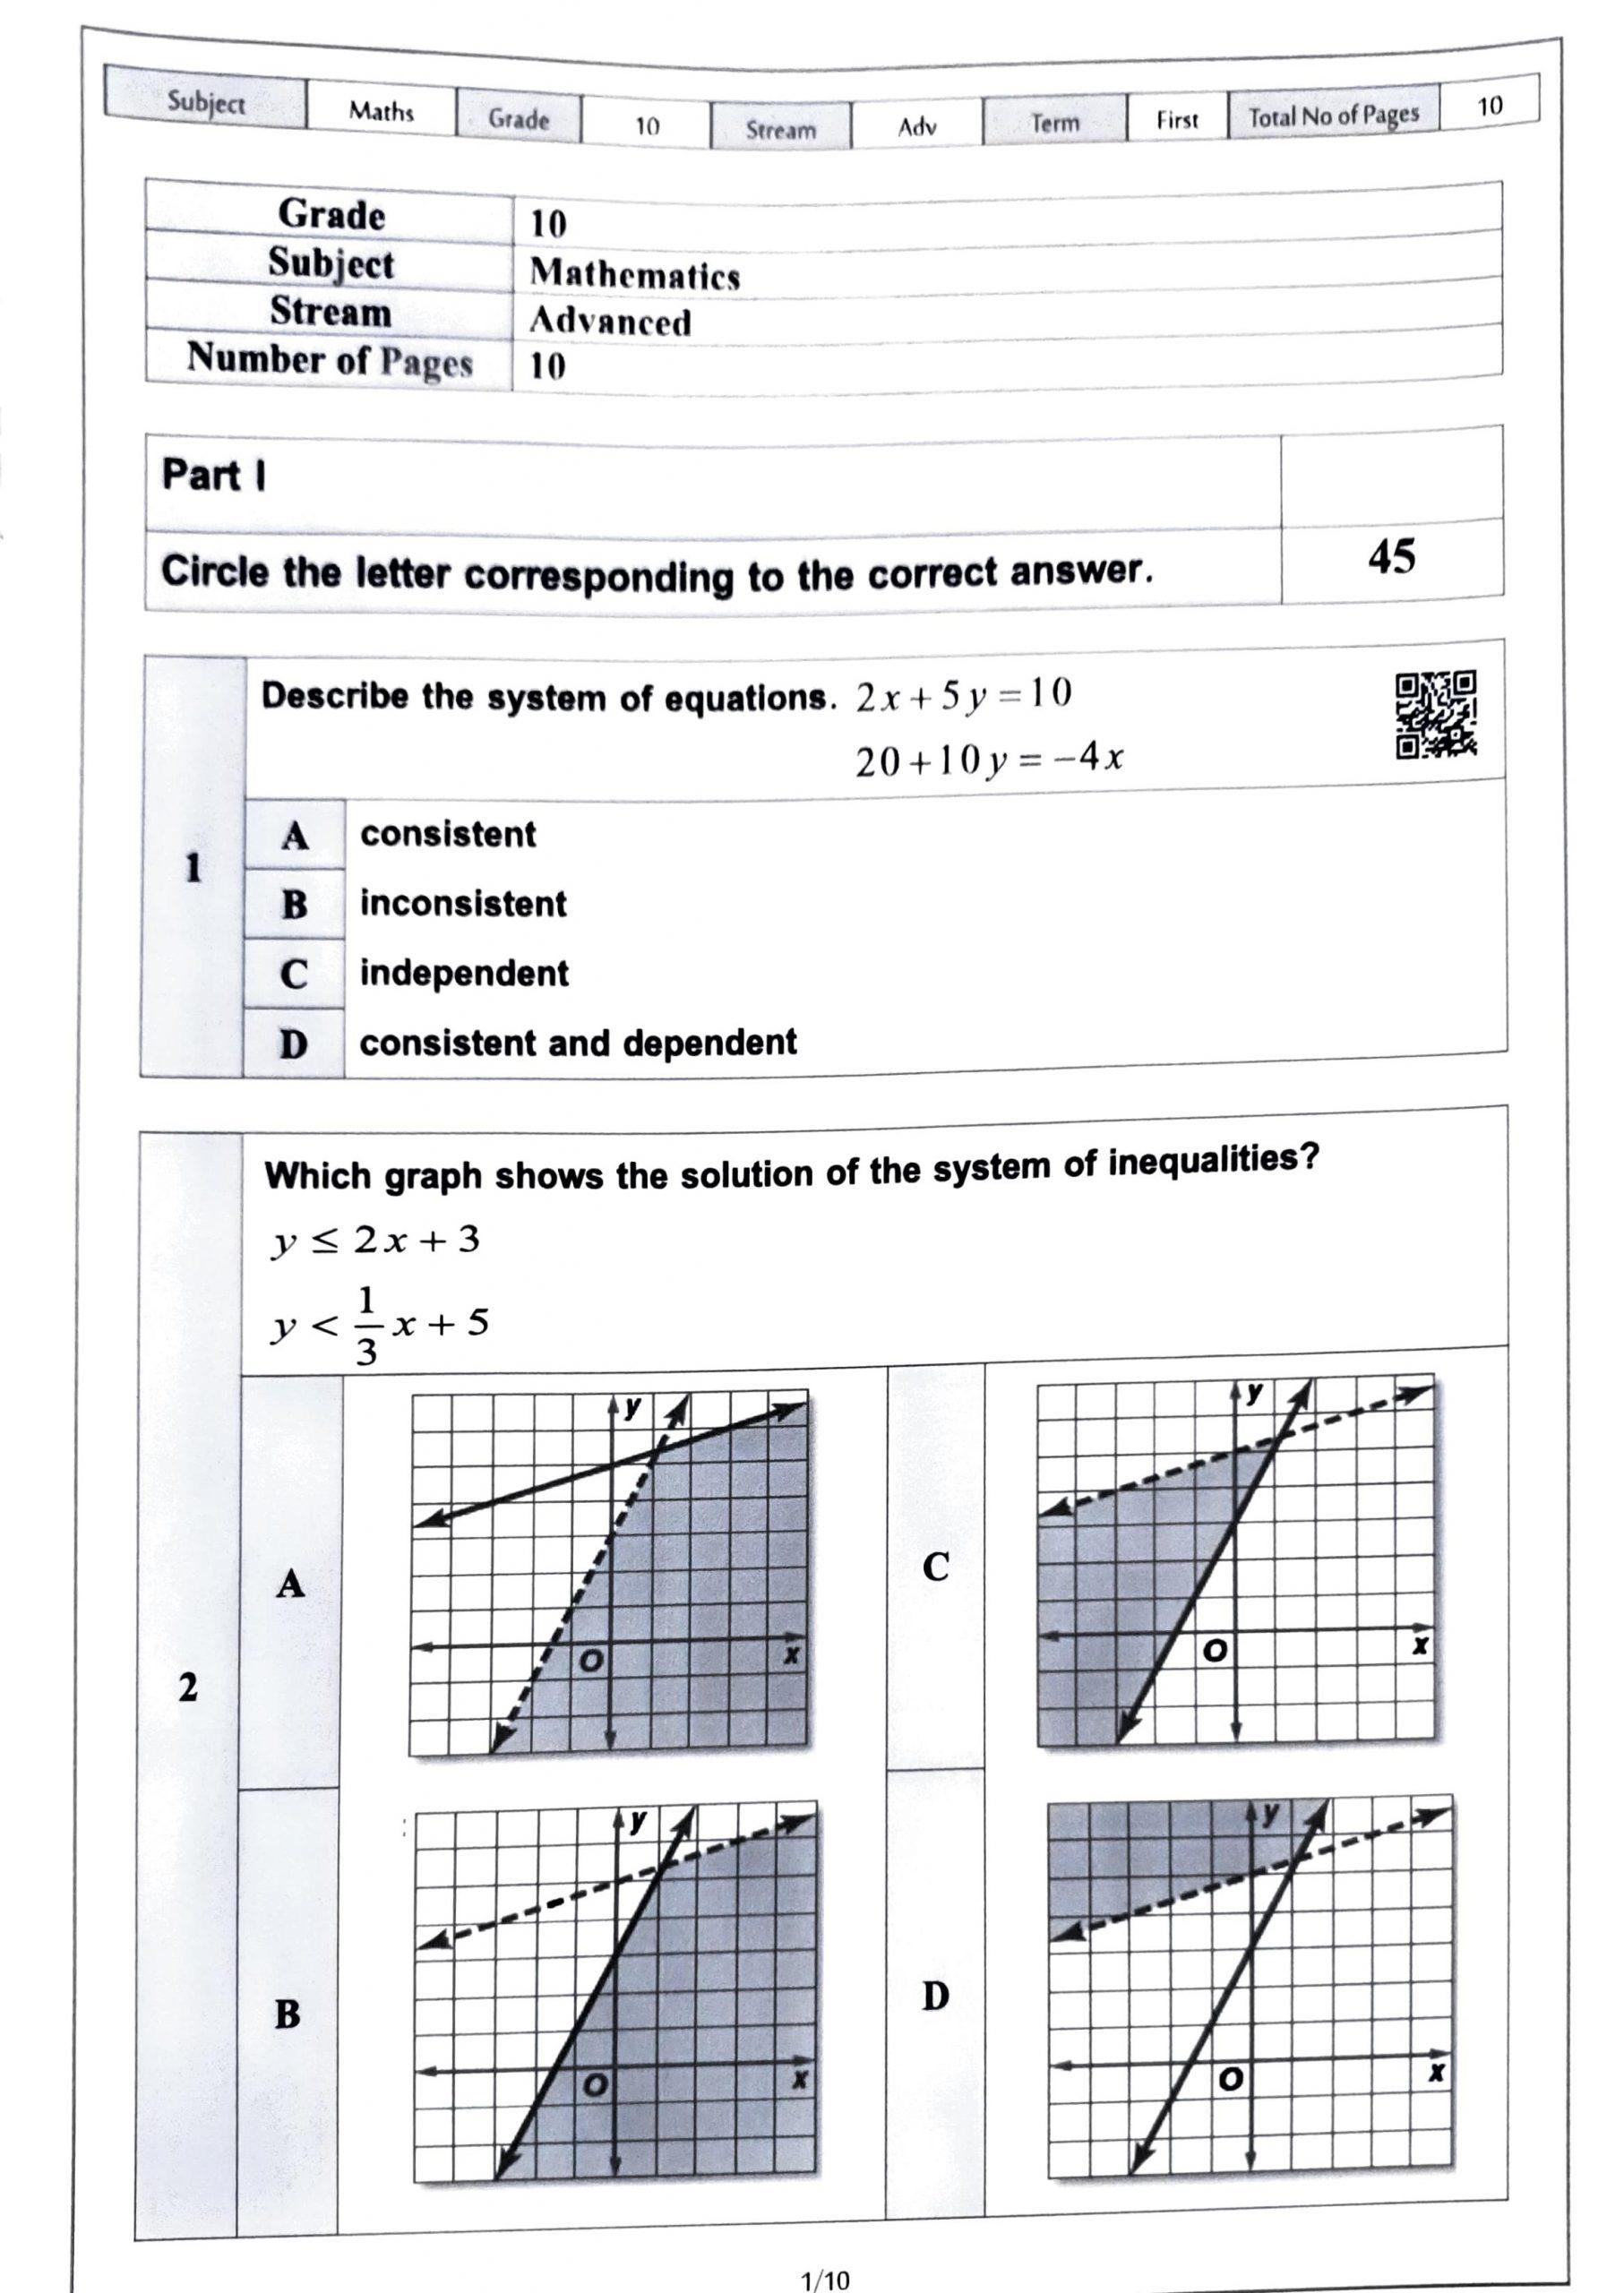 امتحان نهاية الفصل الدراسي الاول 2019 2020 بالانجليزي الصف العاشر متقدم مادة الرياضيات المتكاملة